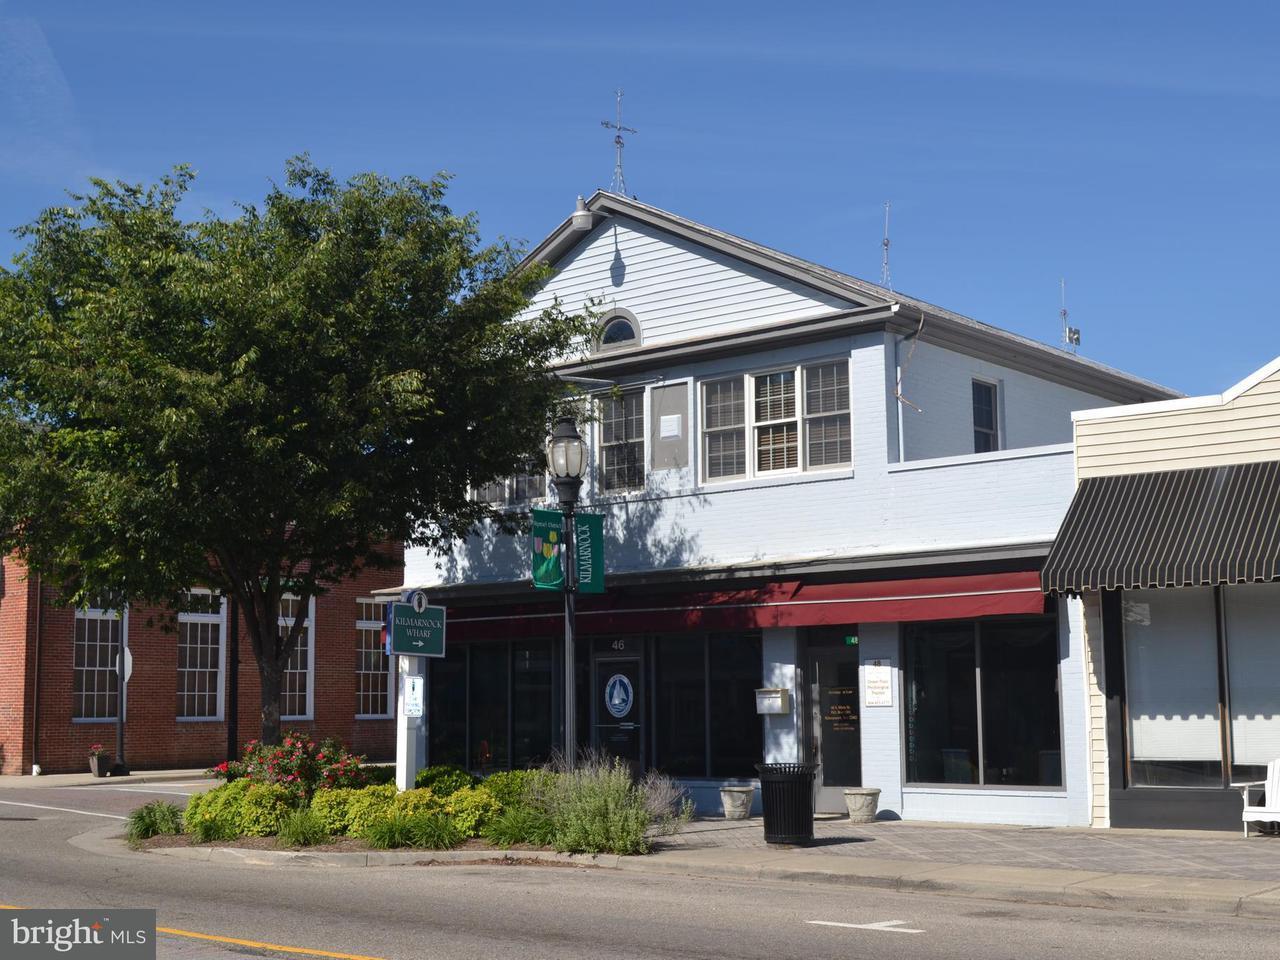 komerziell für Verkauf beim 48 S. MAIN STREET 48 S. MAIN STREET Kilmarnock, Virginia 22482 Vereinigte Staaten